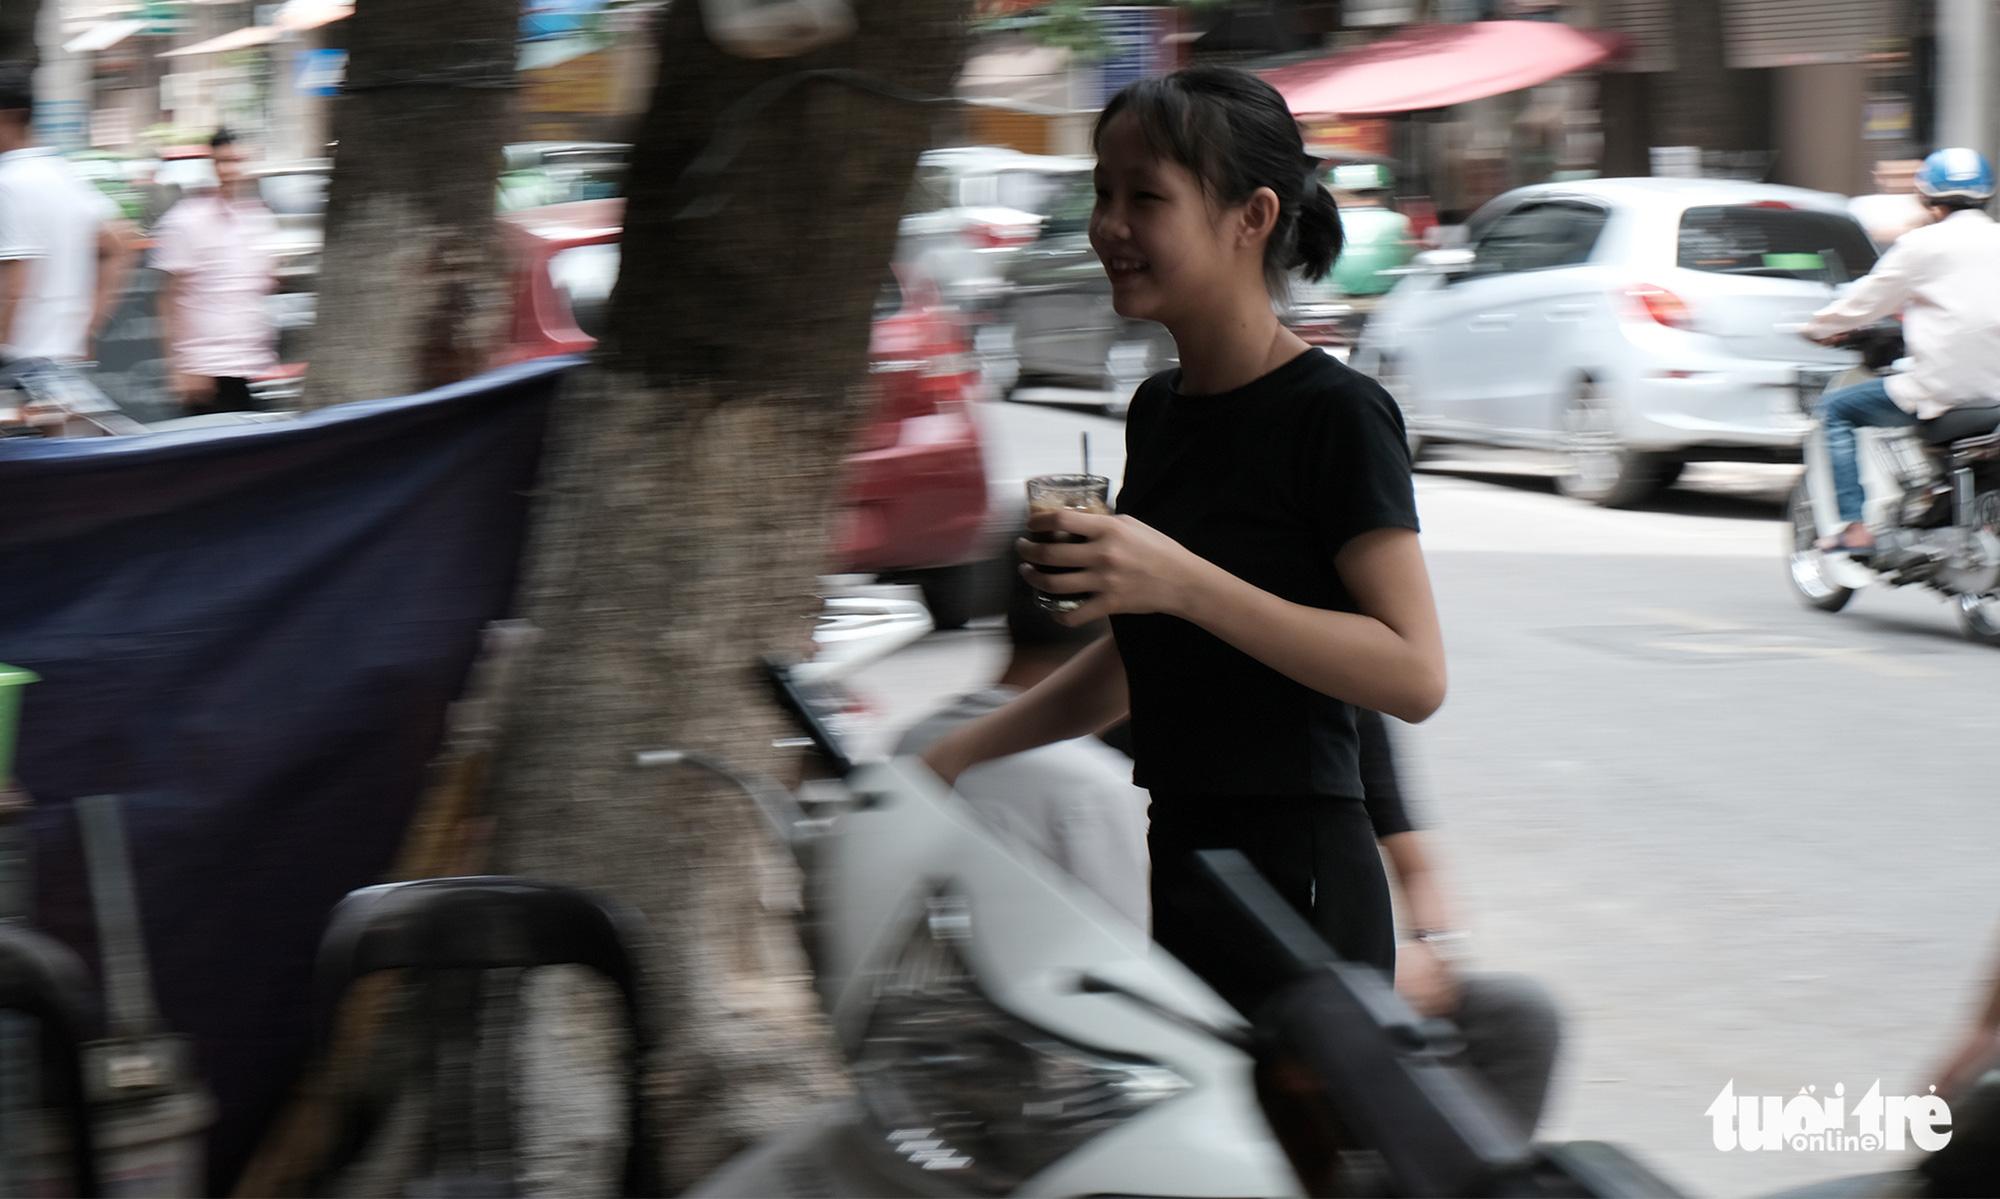 An employee brings a glass of coffee to a customer at Thai Café on Trieu Viet Vuong Street in Hai Ba Trung District, Hanoi. Photo: Ha Thanh / Tuoi Tre